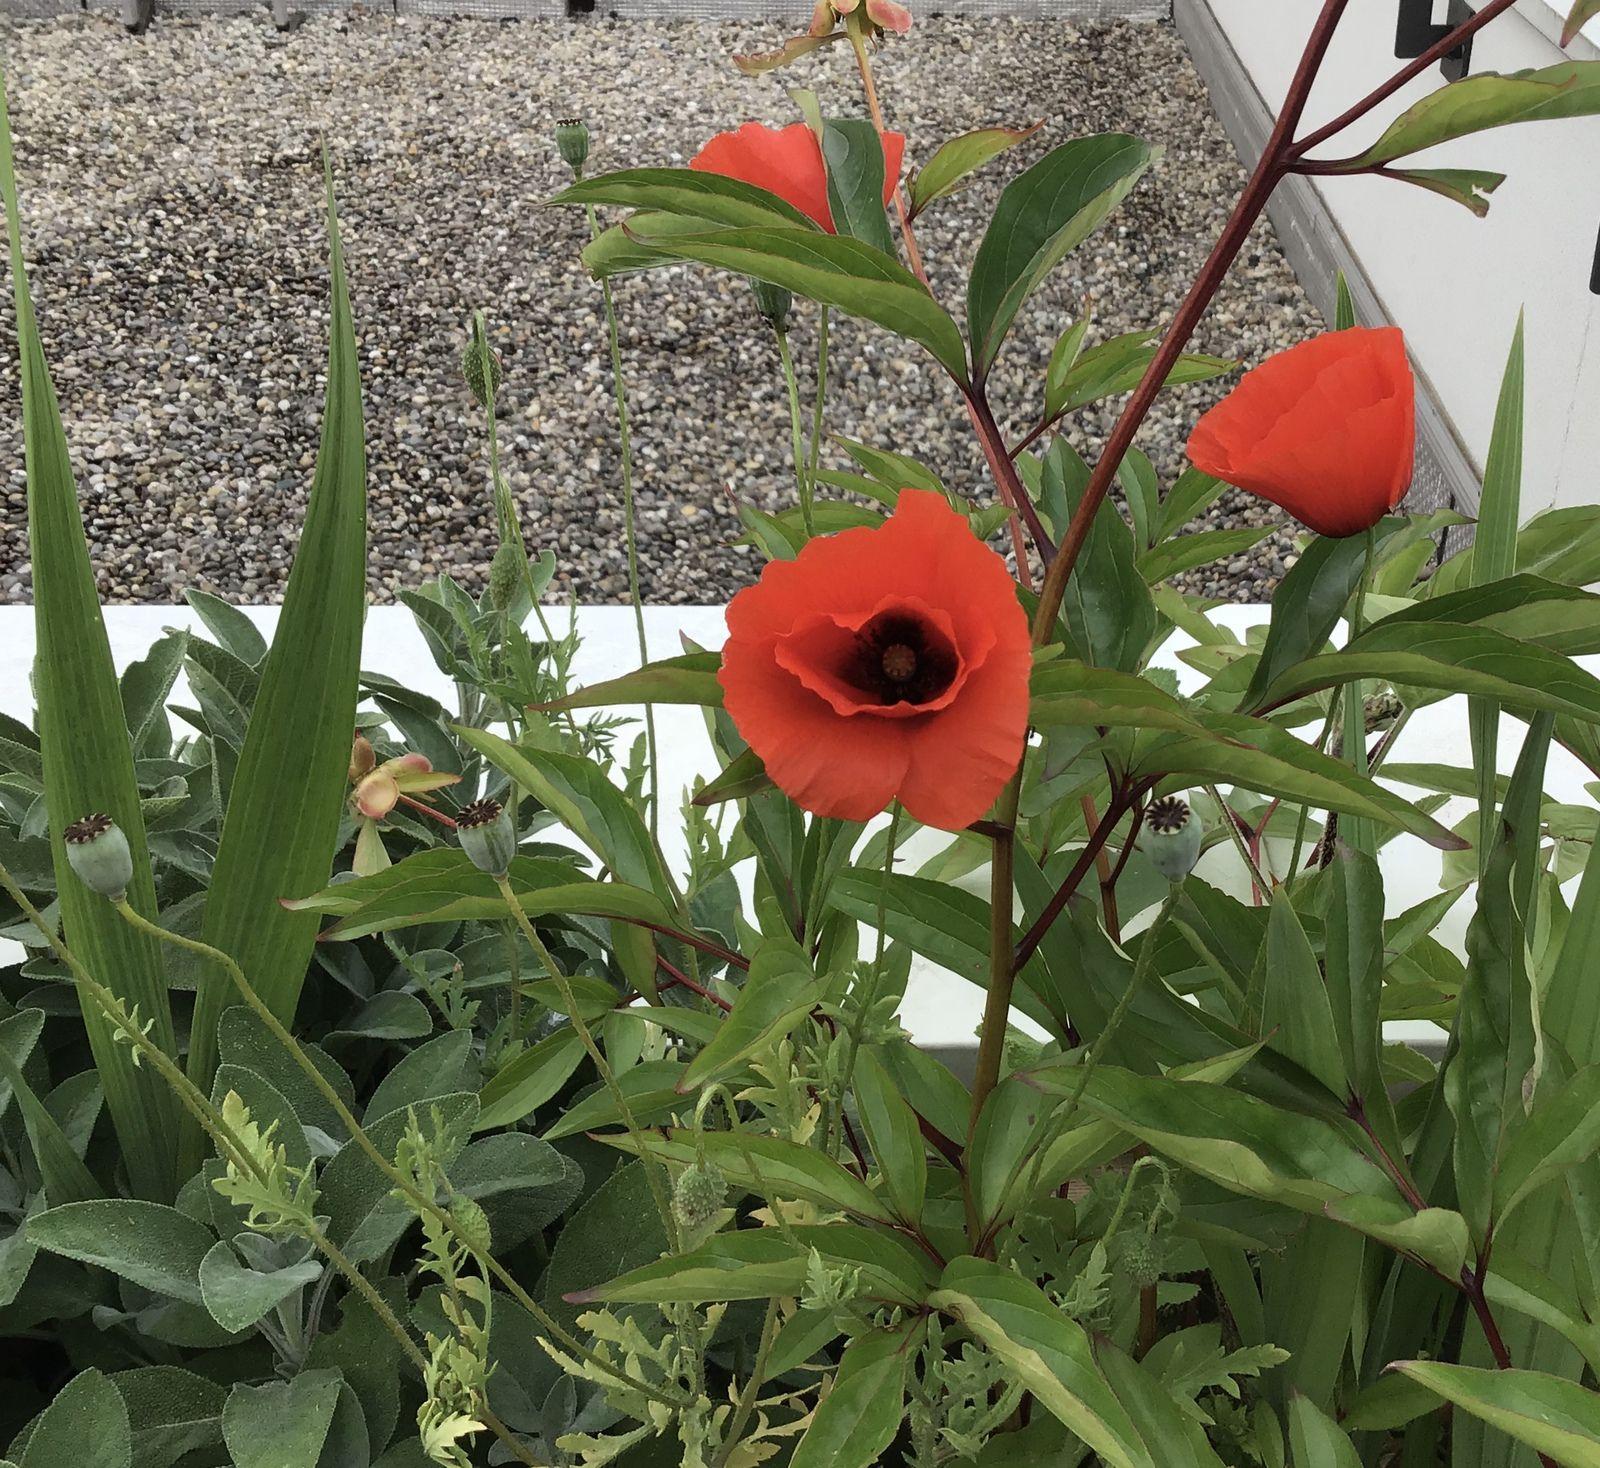 Les fleurs du mois de mai 2021 dans le micro jardin urbain, petit tour du jardin